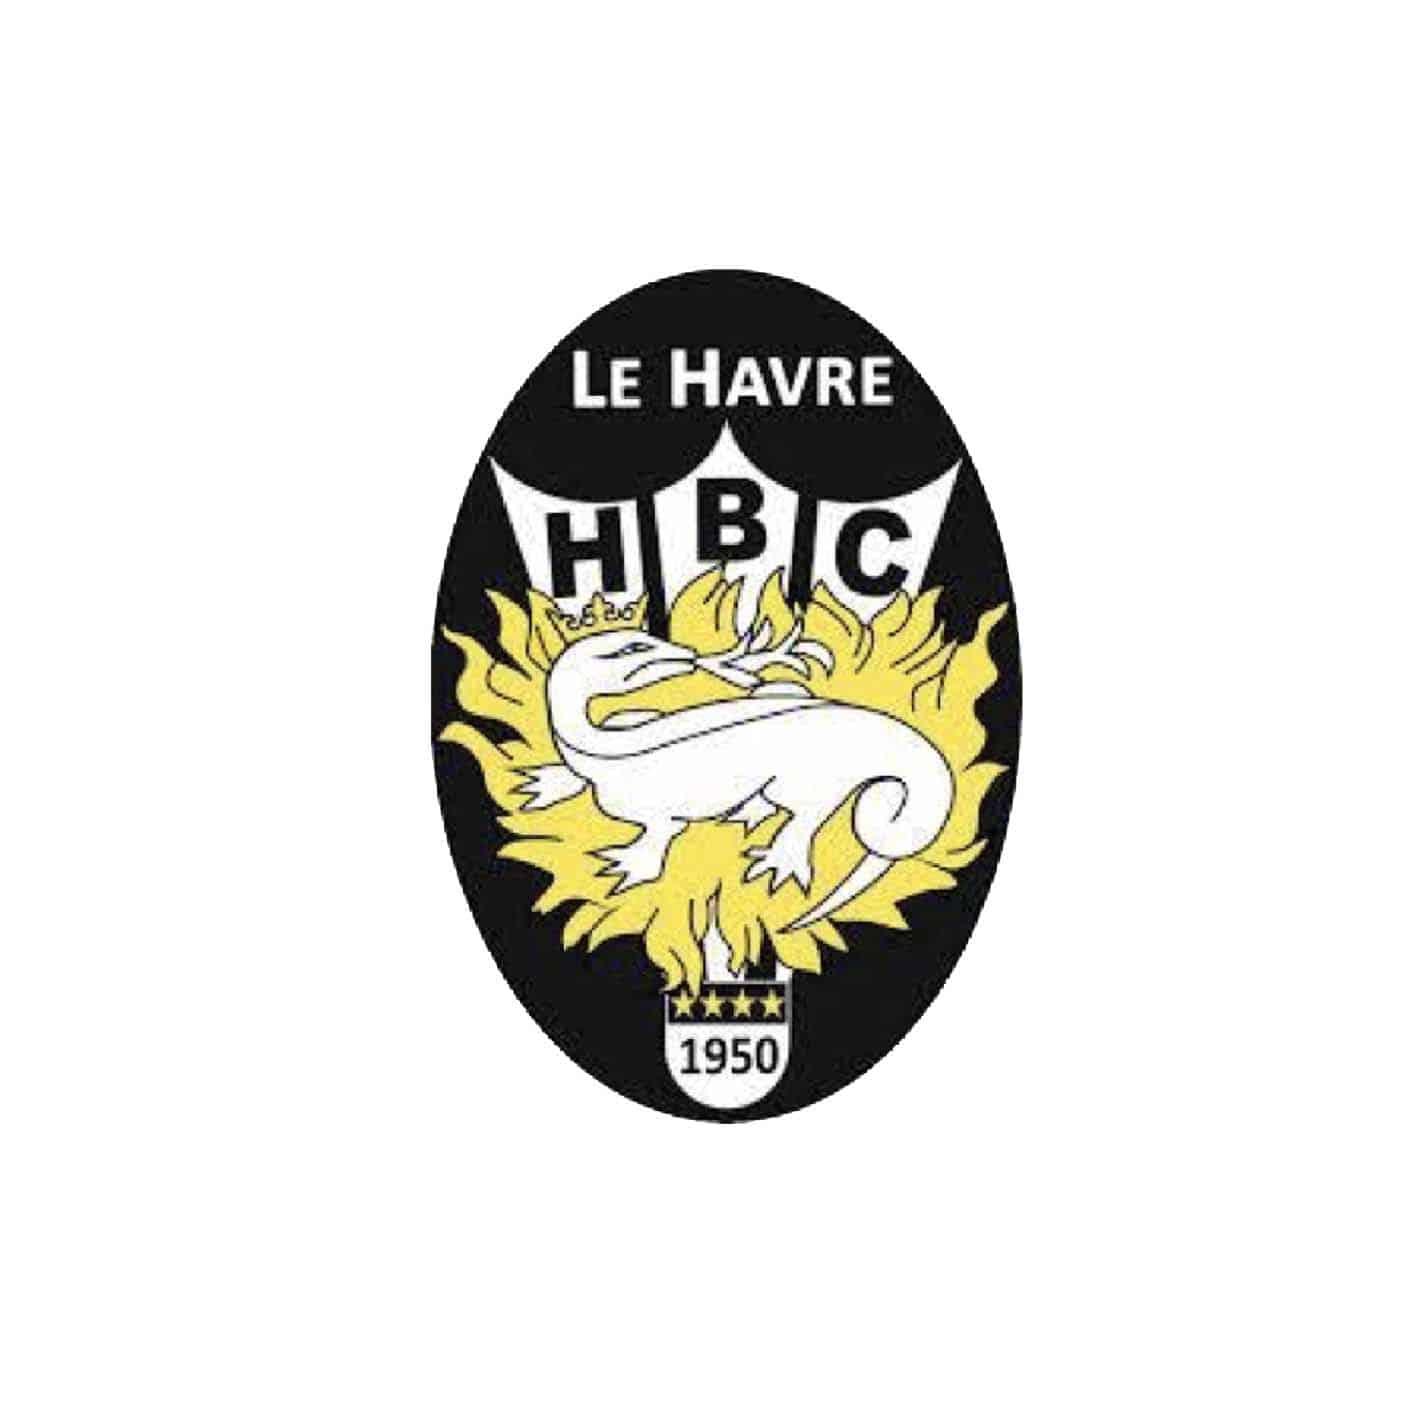 1964-communication-le-havre-logo-hbc